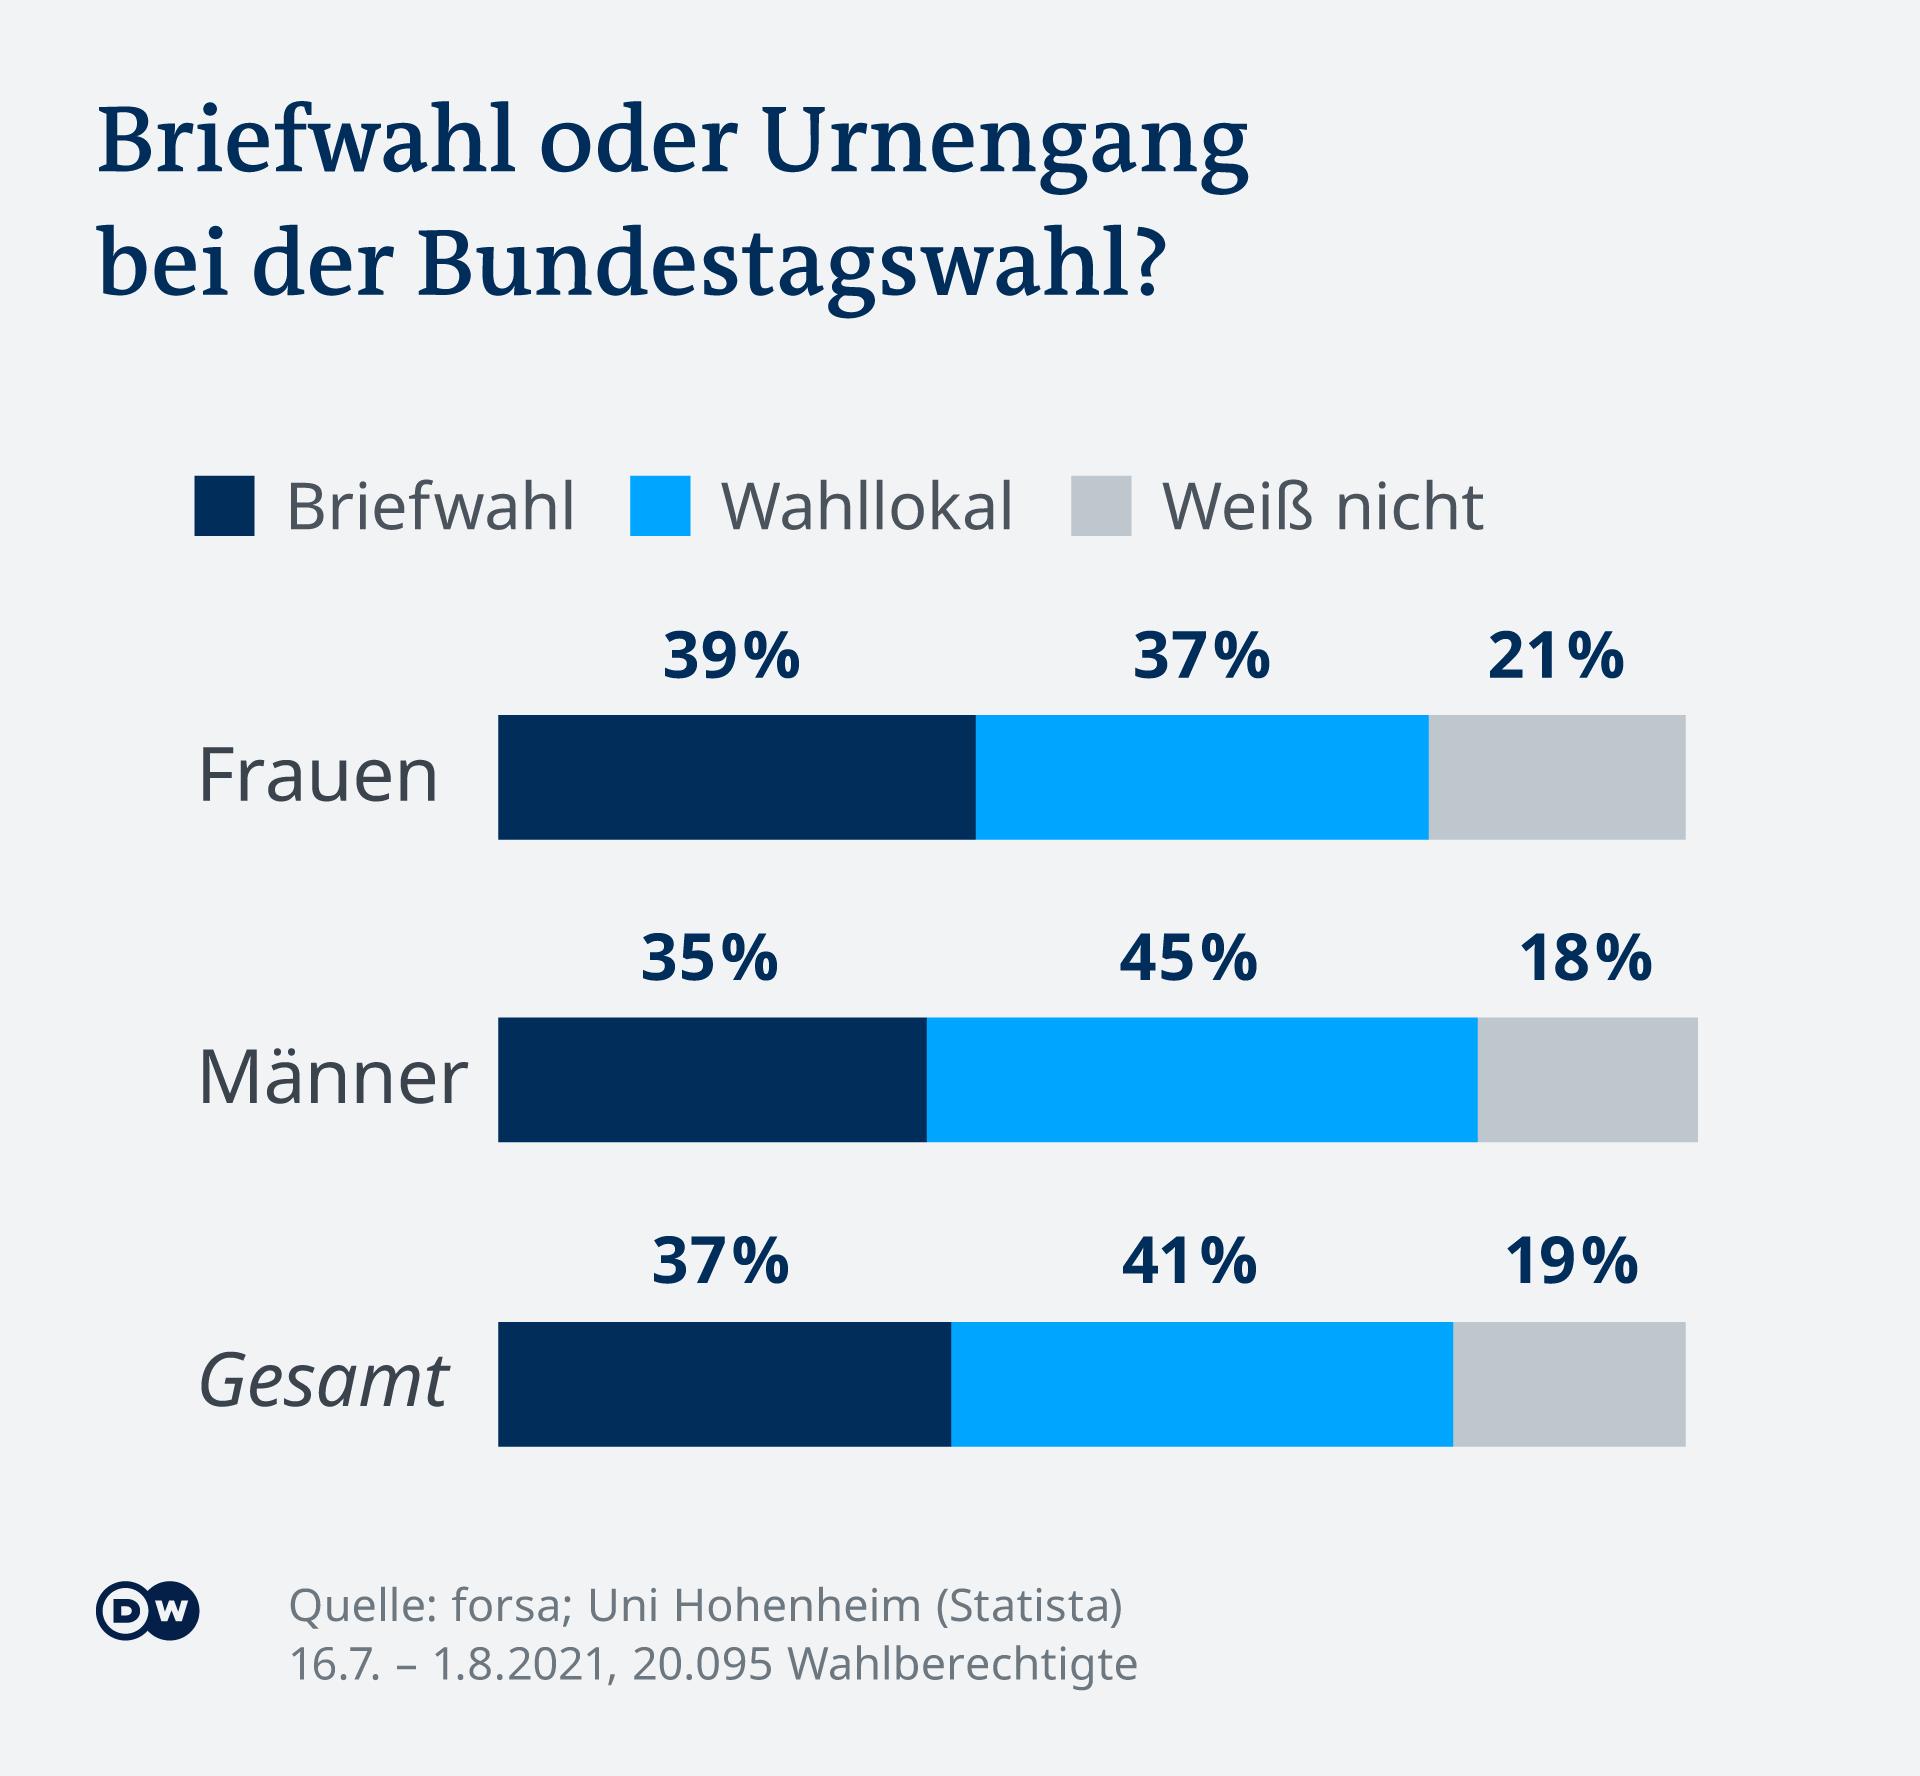 Infografik Umfrage Briefwahl oder Urnengang Bundestagswahl